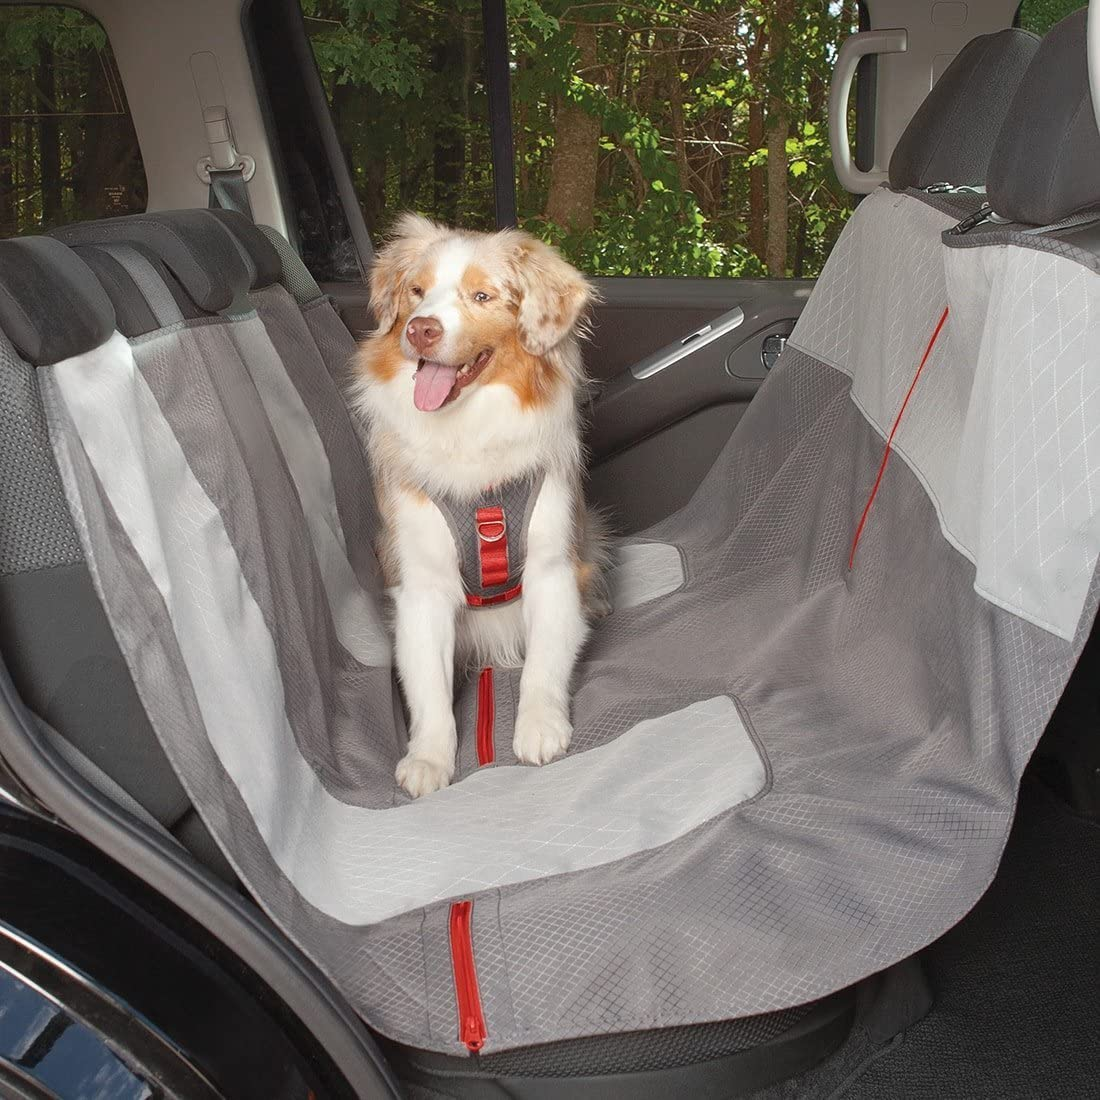 Kurgo Autositzbezug Für Hunde Haustierbank Autositzbezüge Hängematten Stil Wasserabweisend Kratzfest Autos 140 Cm Grau Chili Rot Haustier